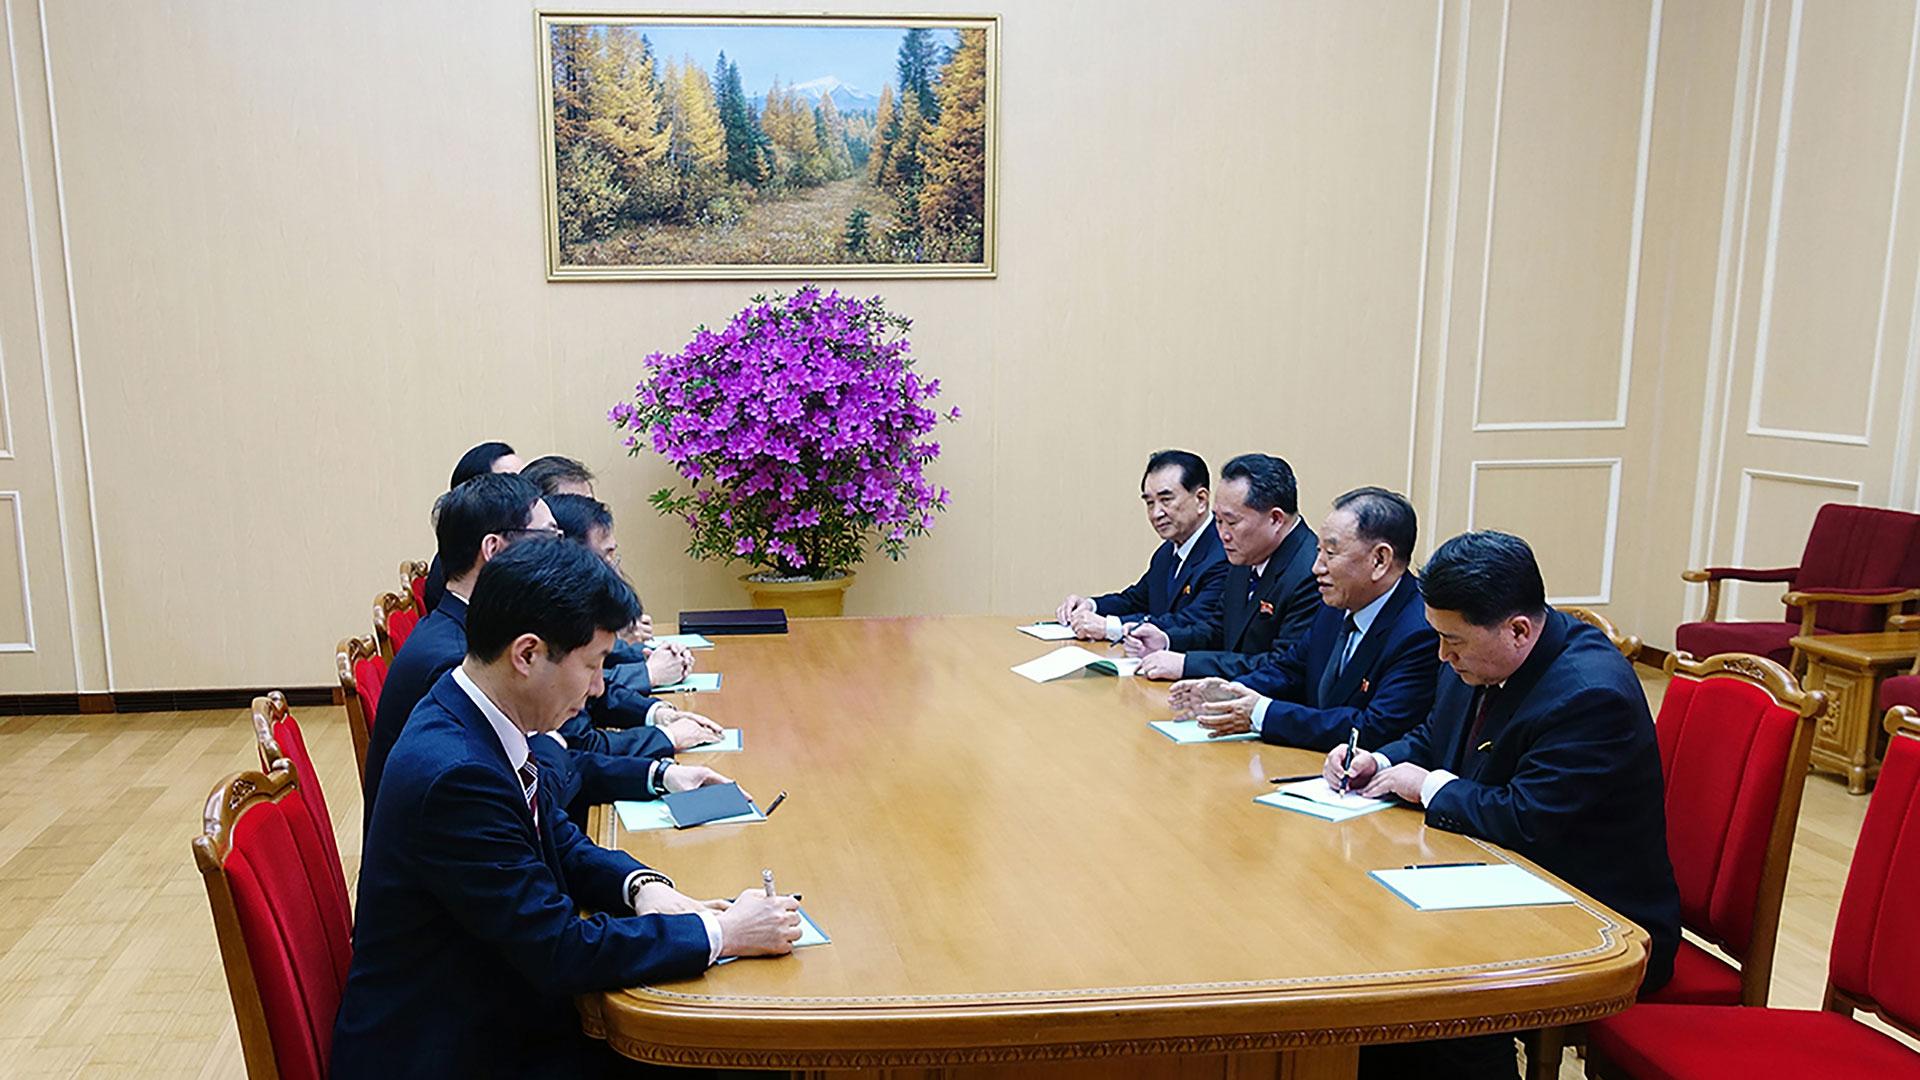 El encuentro tuvo a la delegación surcoreana, dirigida por el titular de la Oficina de Seguridad Nacional Chung Eui-yong, y al general Kim Yong-chol (segundo de la derecha), encargado de los asuntos intercoreanos de la dictadura comunista de Kim Jong-un (AFP)